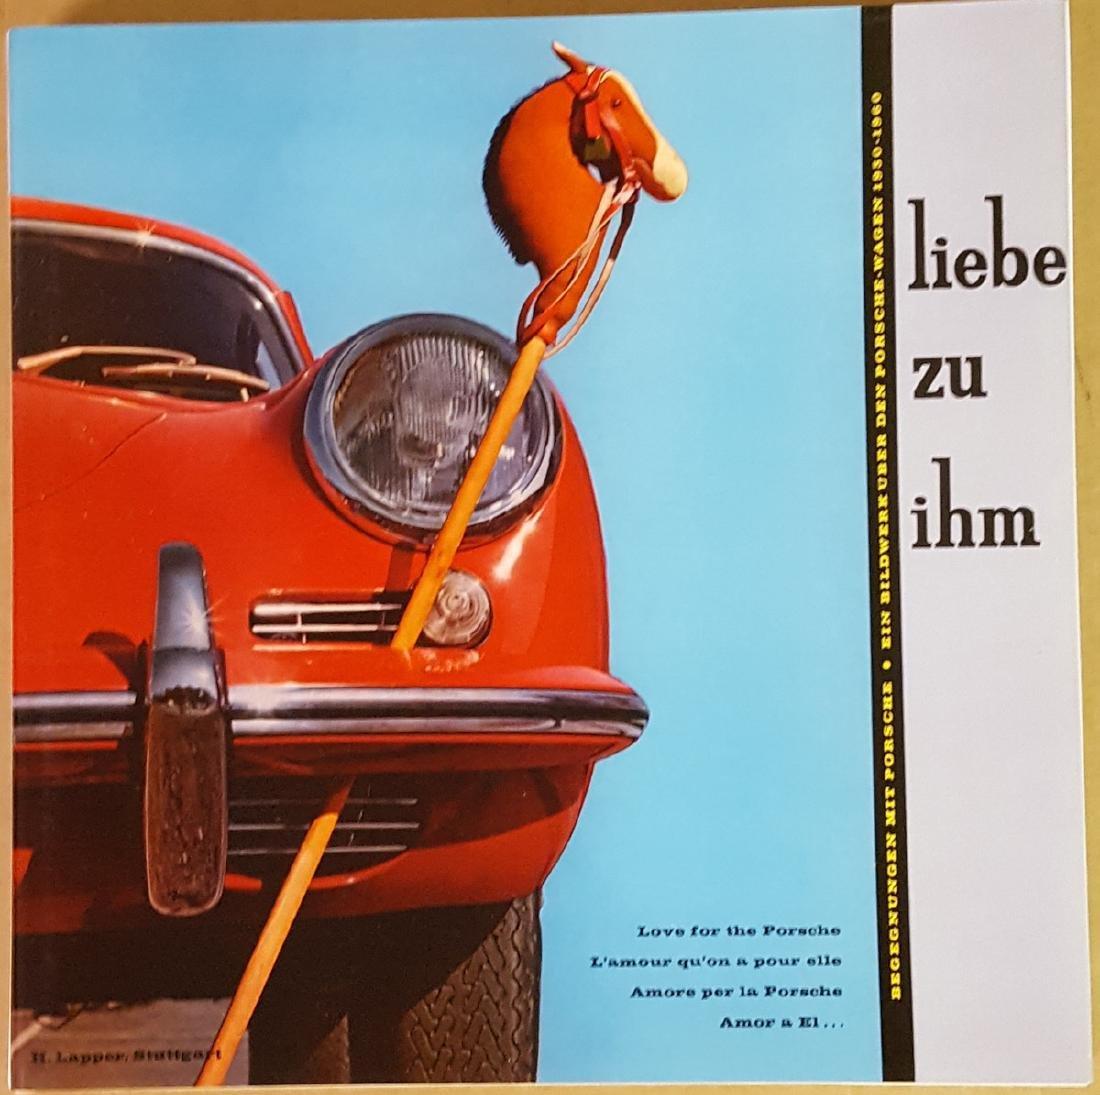 Porsche 356 Liebe Zu Ihm, 1950-1960